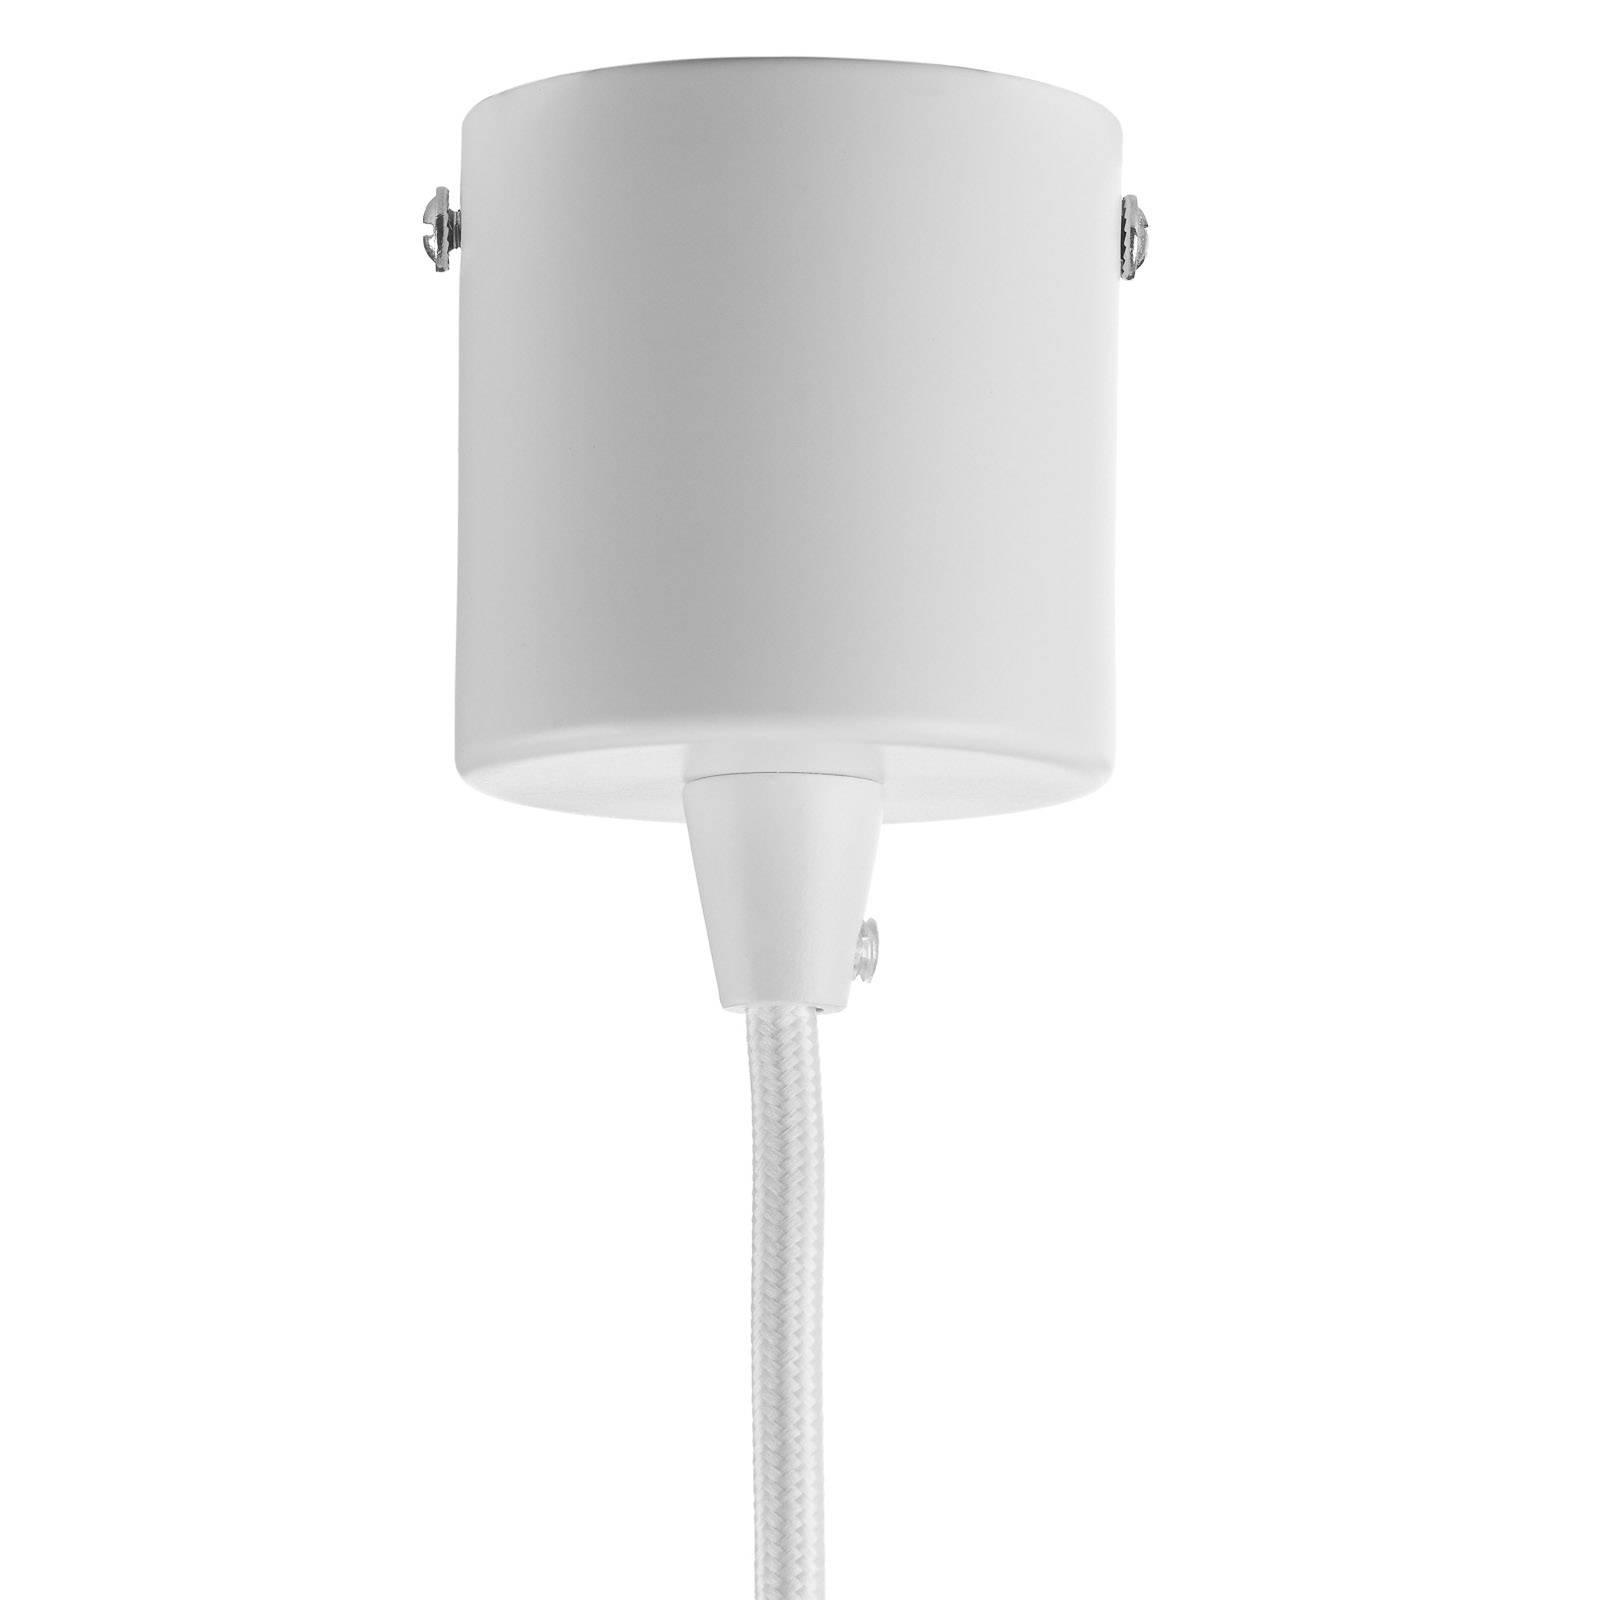 LED-riippuvalaisin Look, kapea, valkoinen